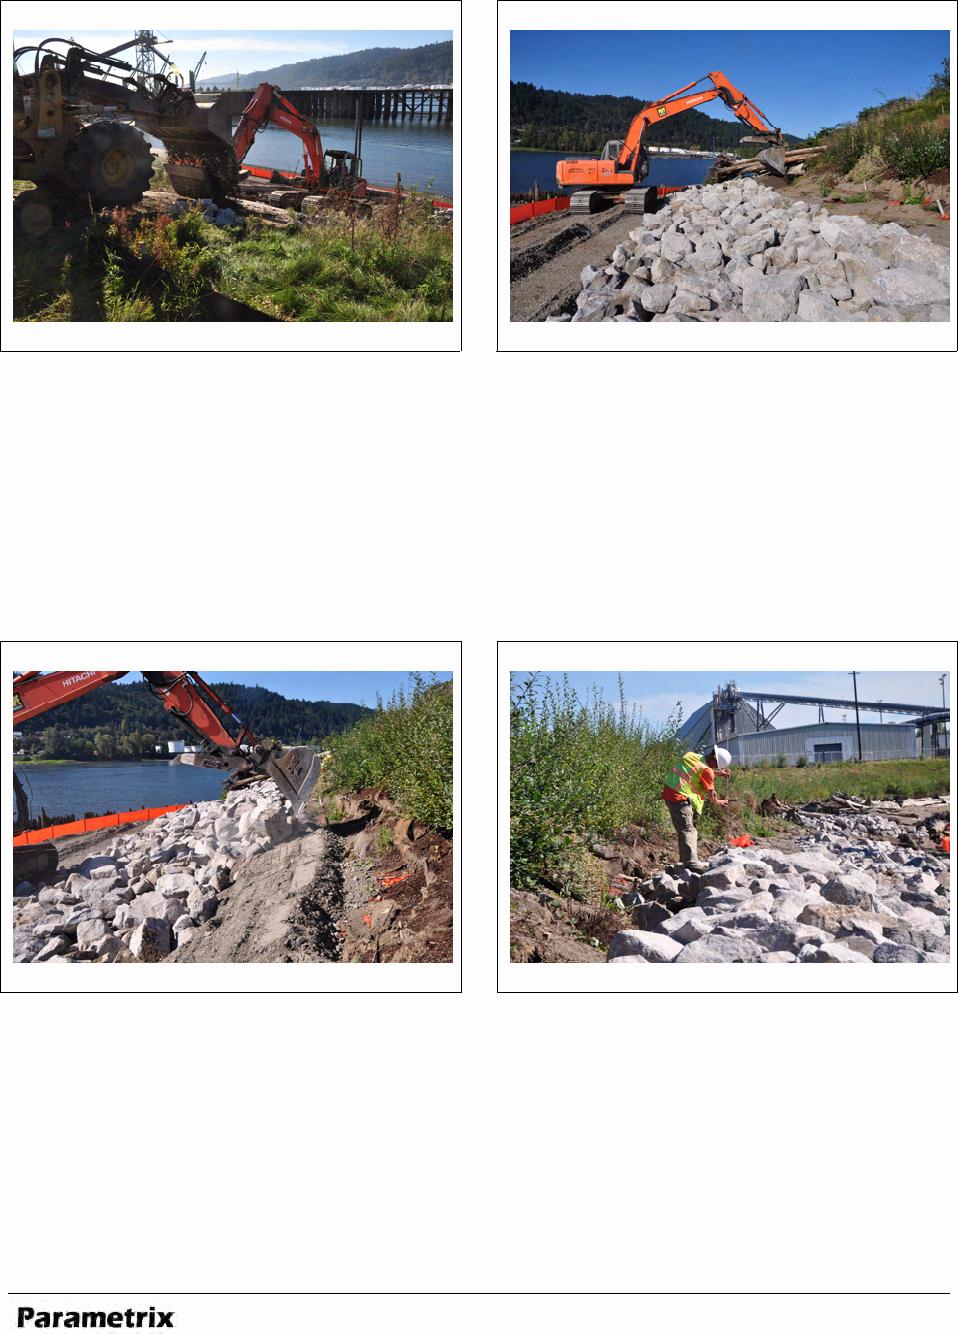 Restaurant Observation Report Sample Lovely Download Download Blank Daily Observation Report Template